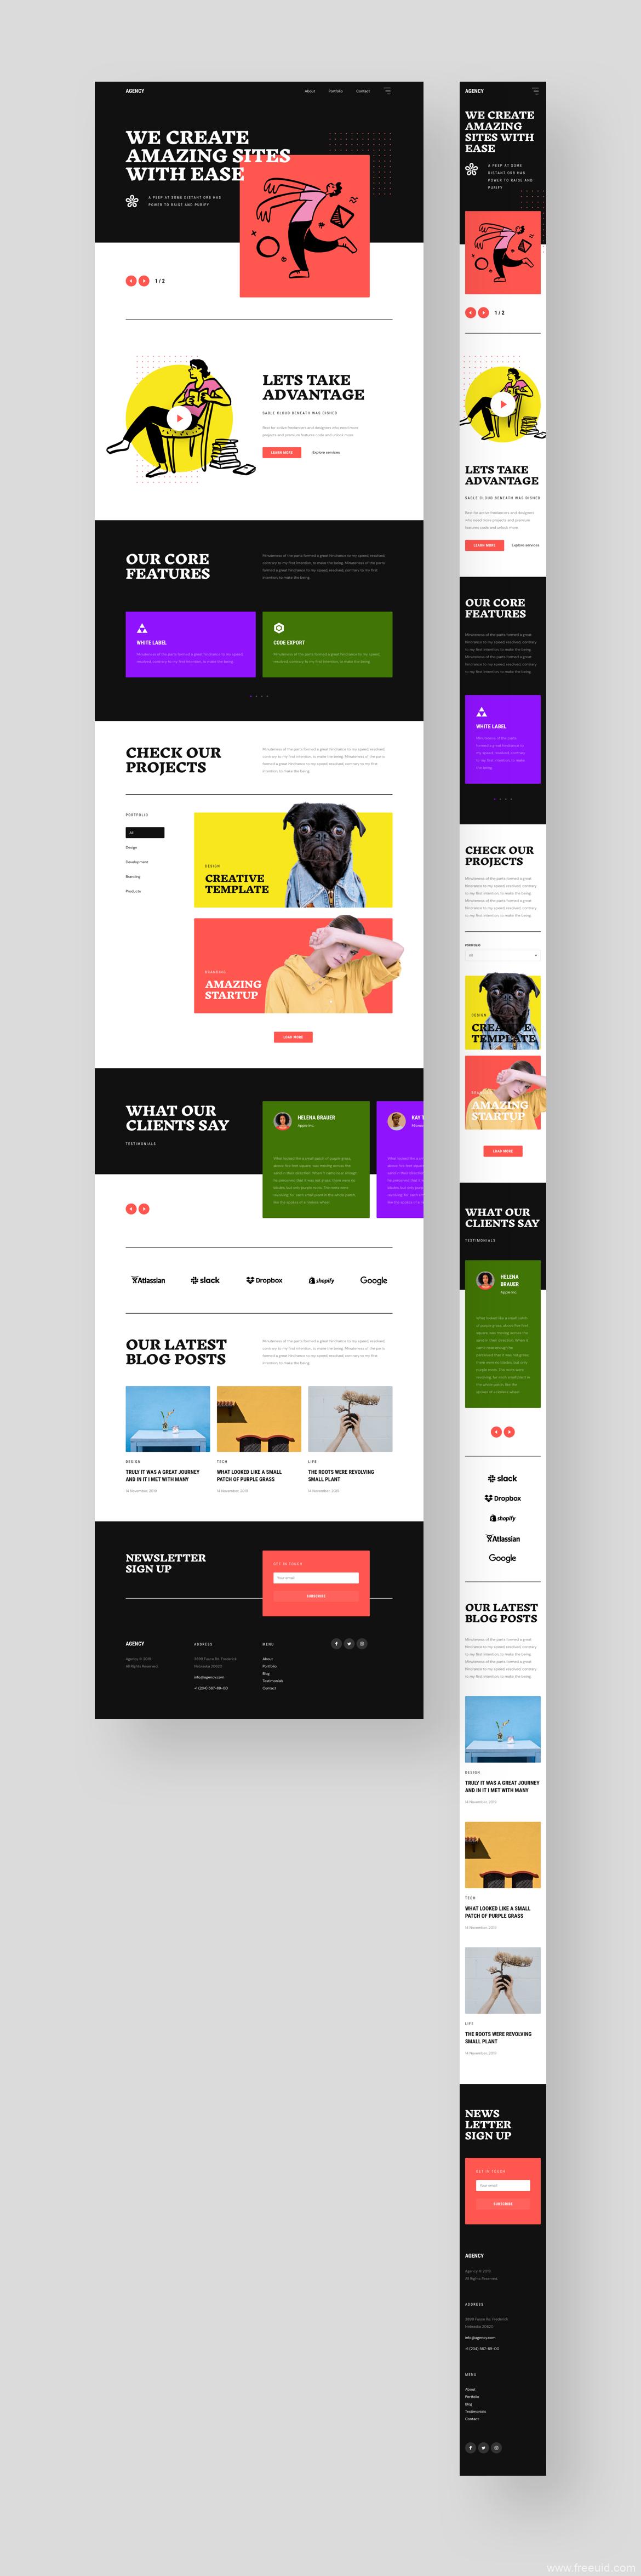 设计师作品展示网站模板源文件,作品集网站UI源文件,xd、sketch、figma源文件